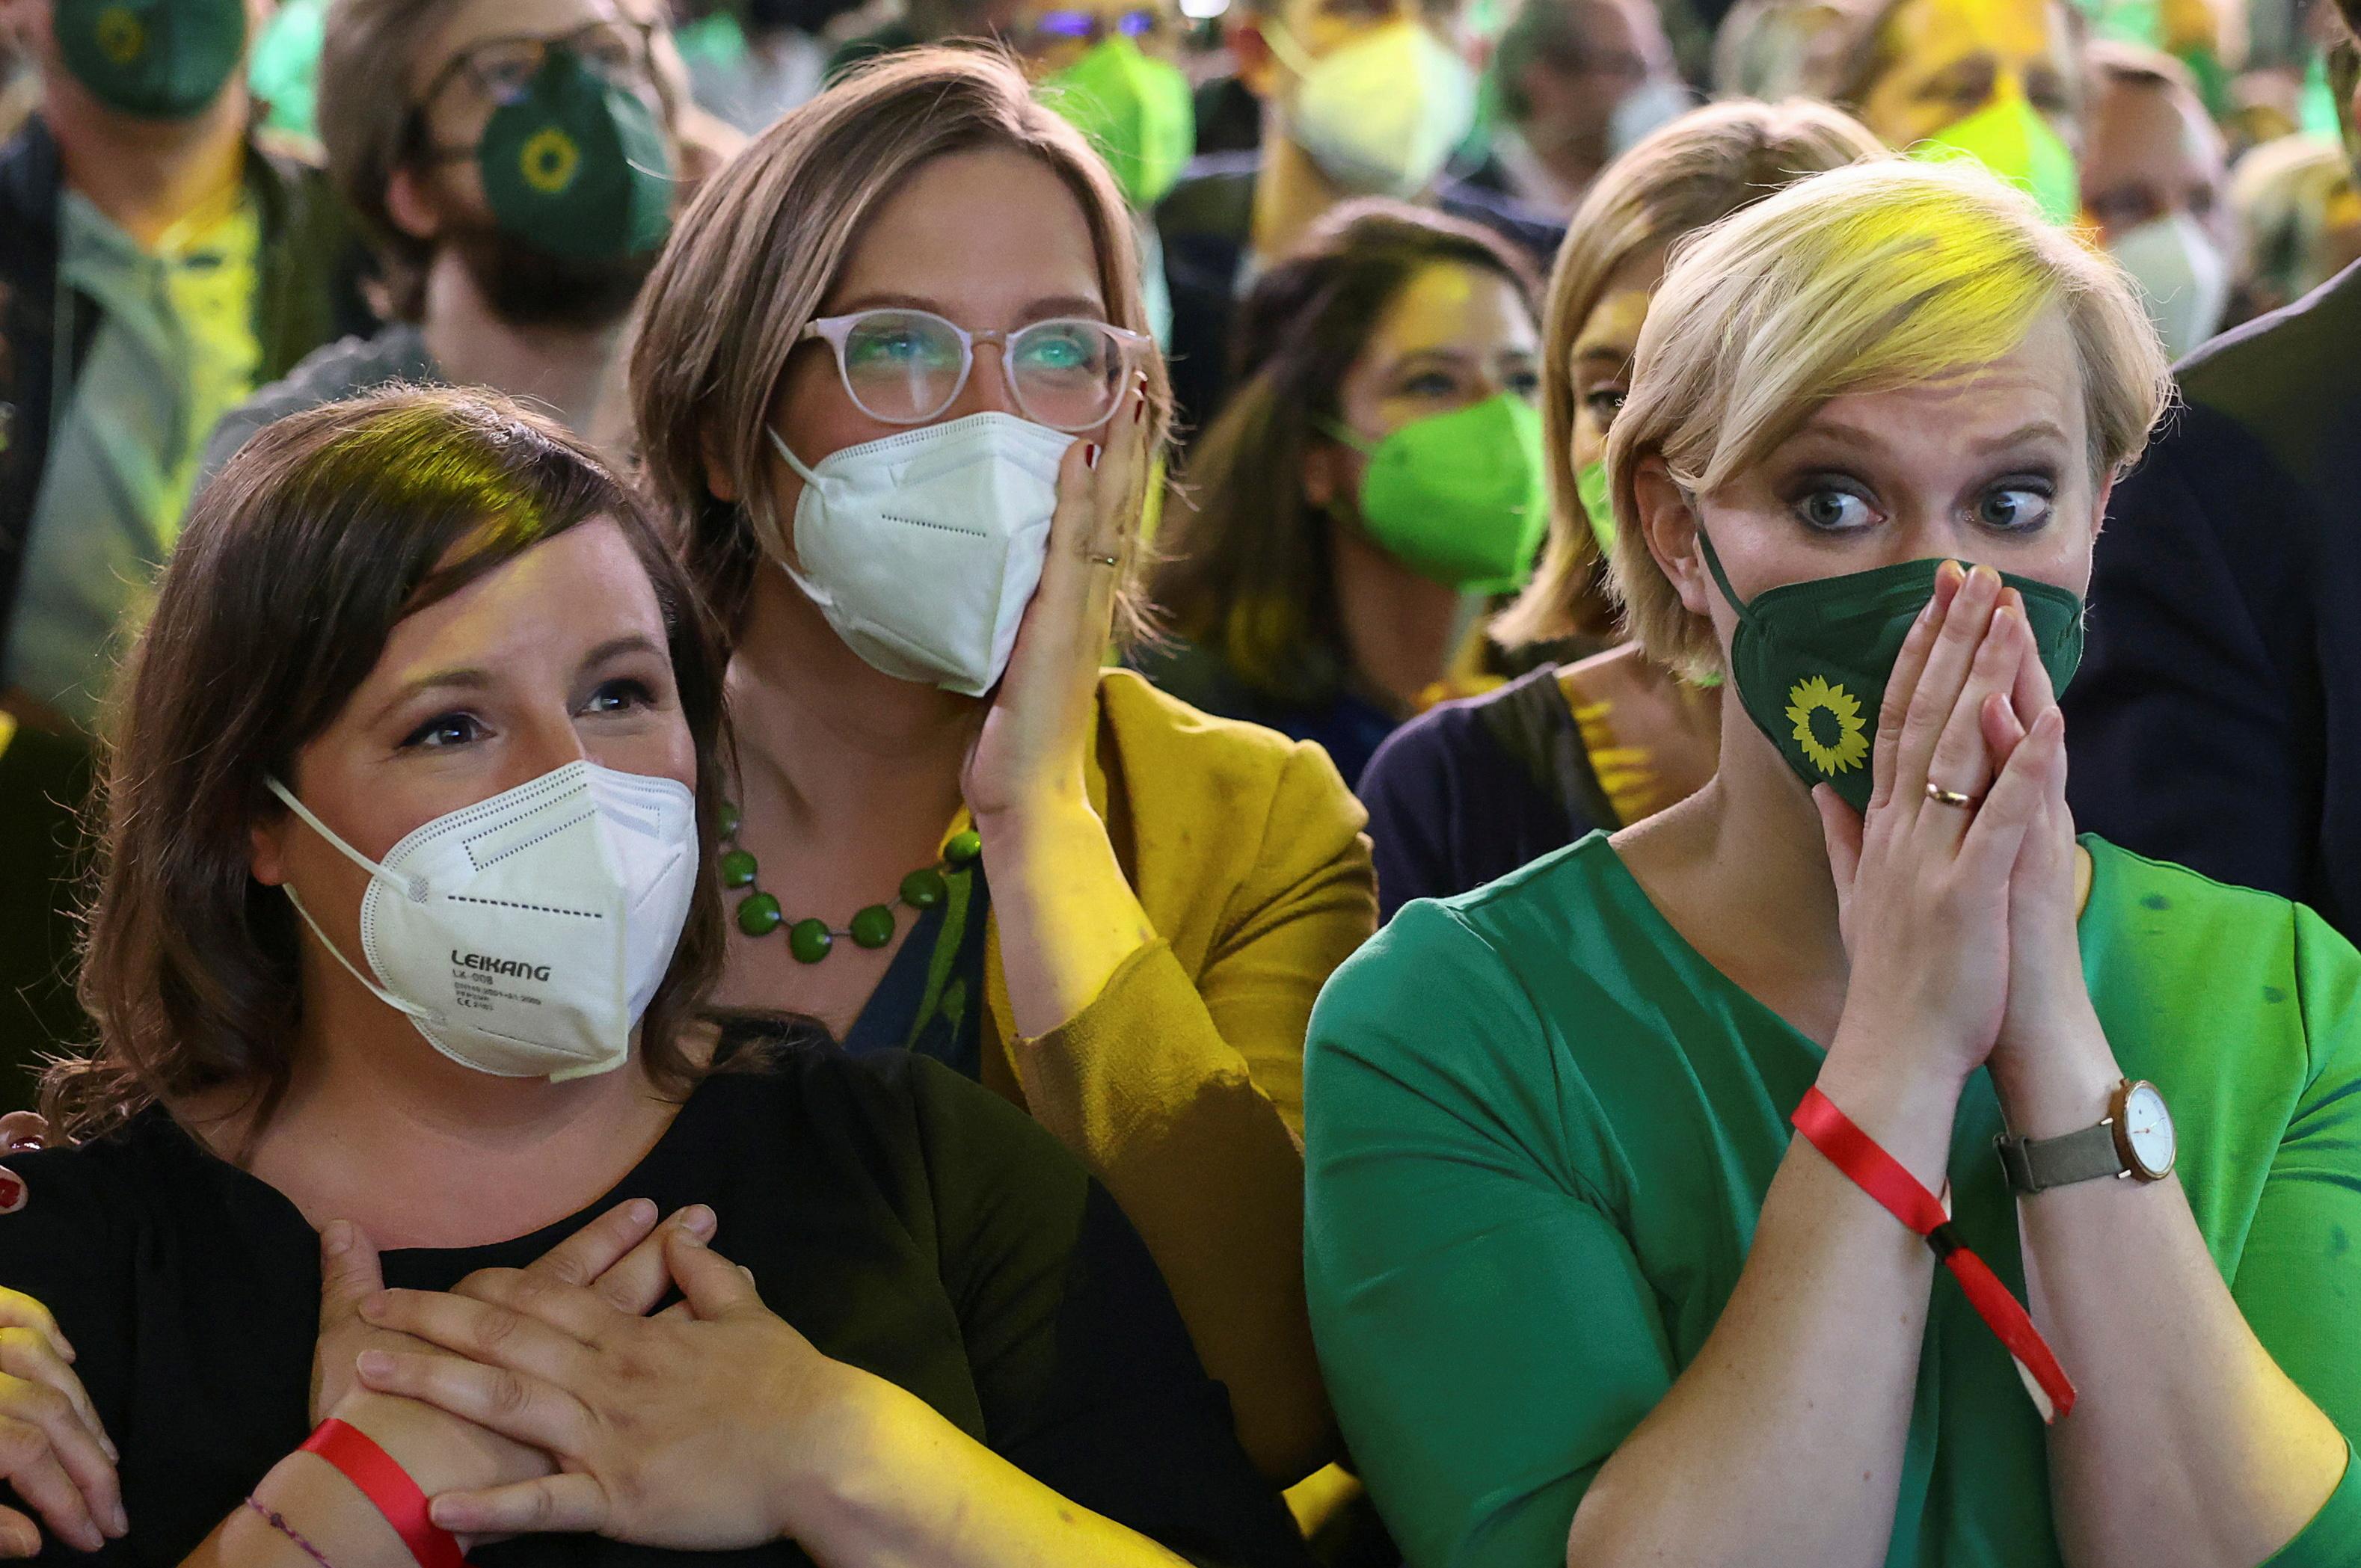 A Zöldek pártjának támogatói reagálnak, miután kihirdették az első exit poll szavazási eredményeket Berlinben, Németországban, 26. szeptember 2021 -án. REUTERS/Christian Mang